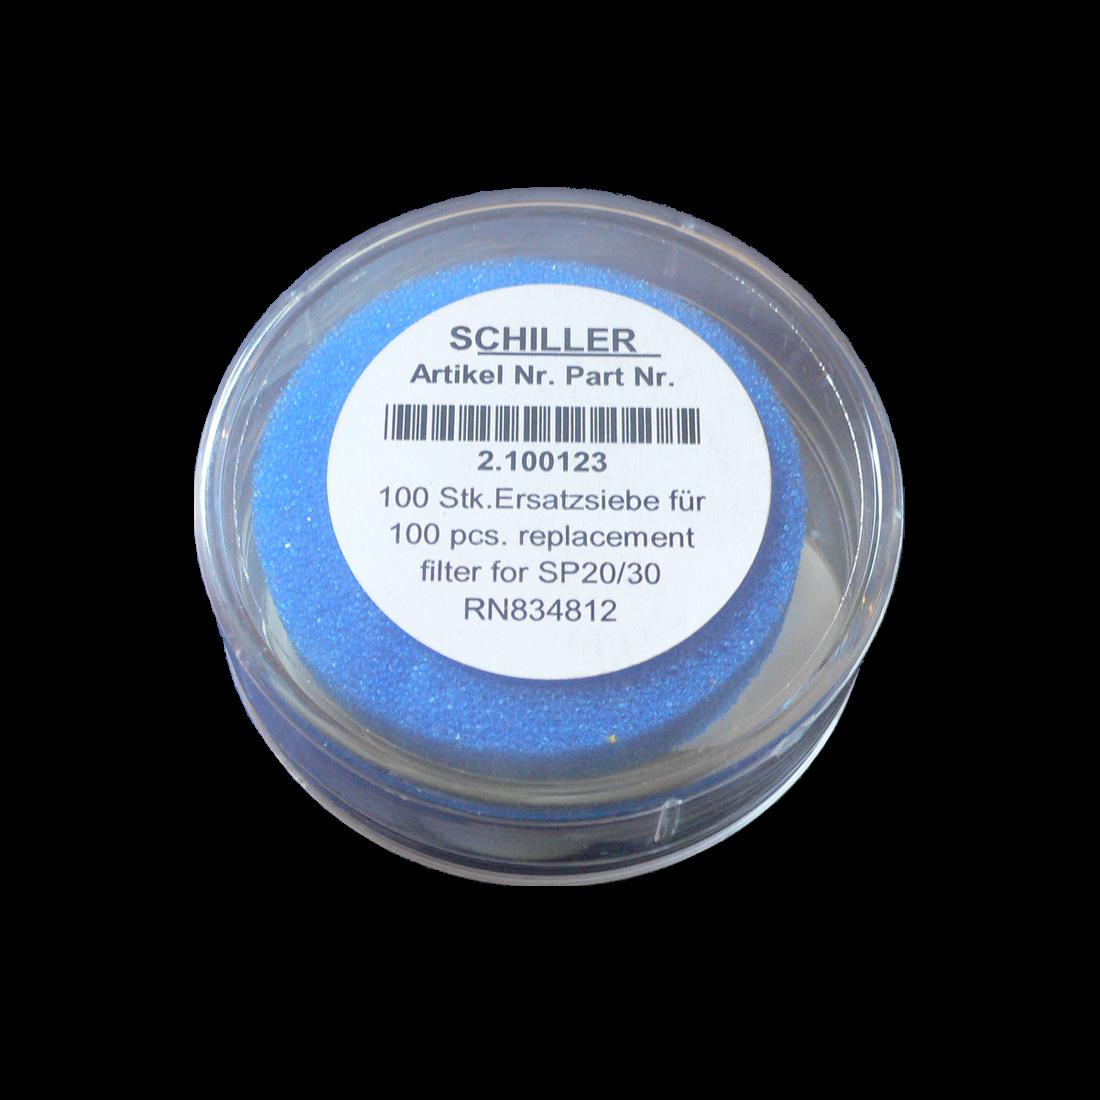 Фильтр одноразовый для датчиков SP-20/260/SP30, для спиропневмотахометрии